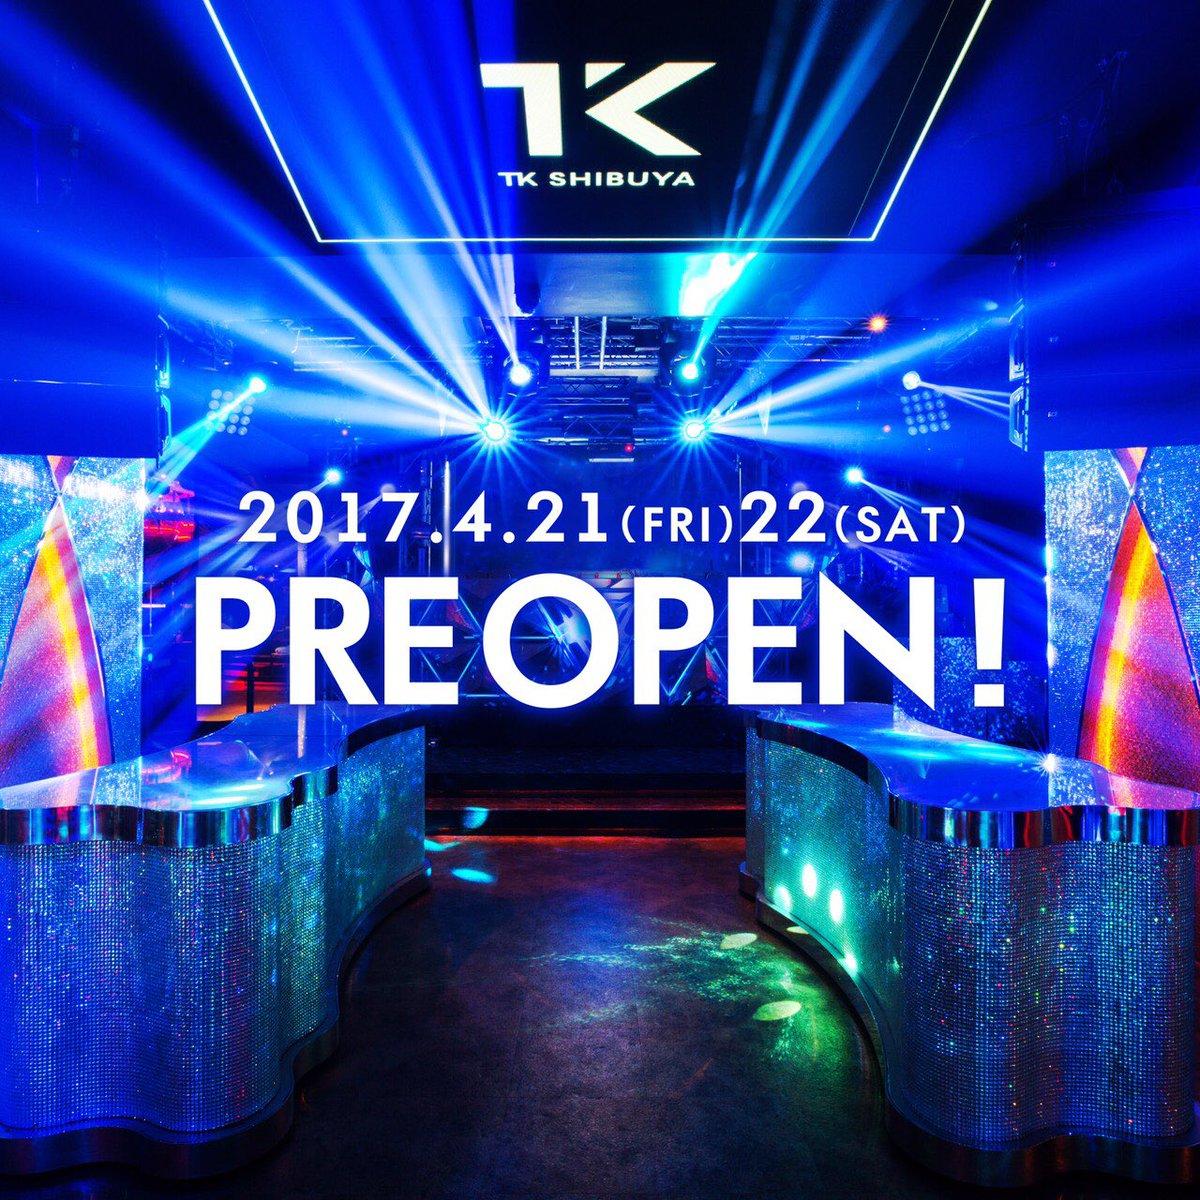 【超朗報】T2が復活!?最新情報 - TK渋谷について